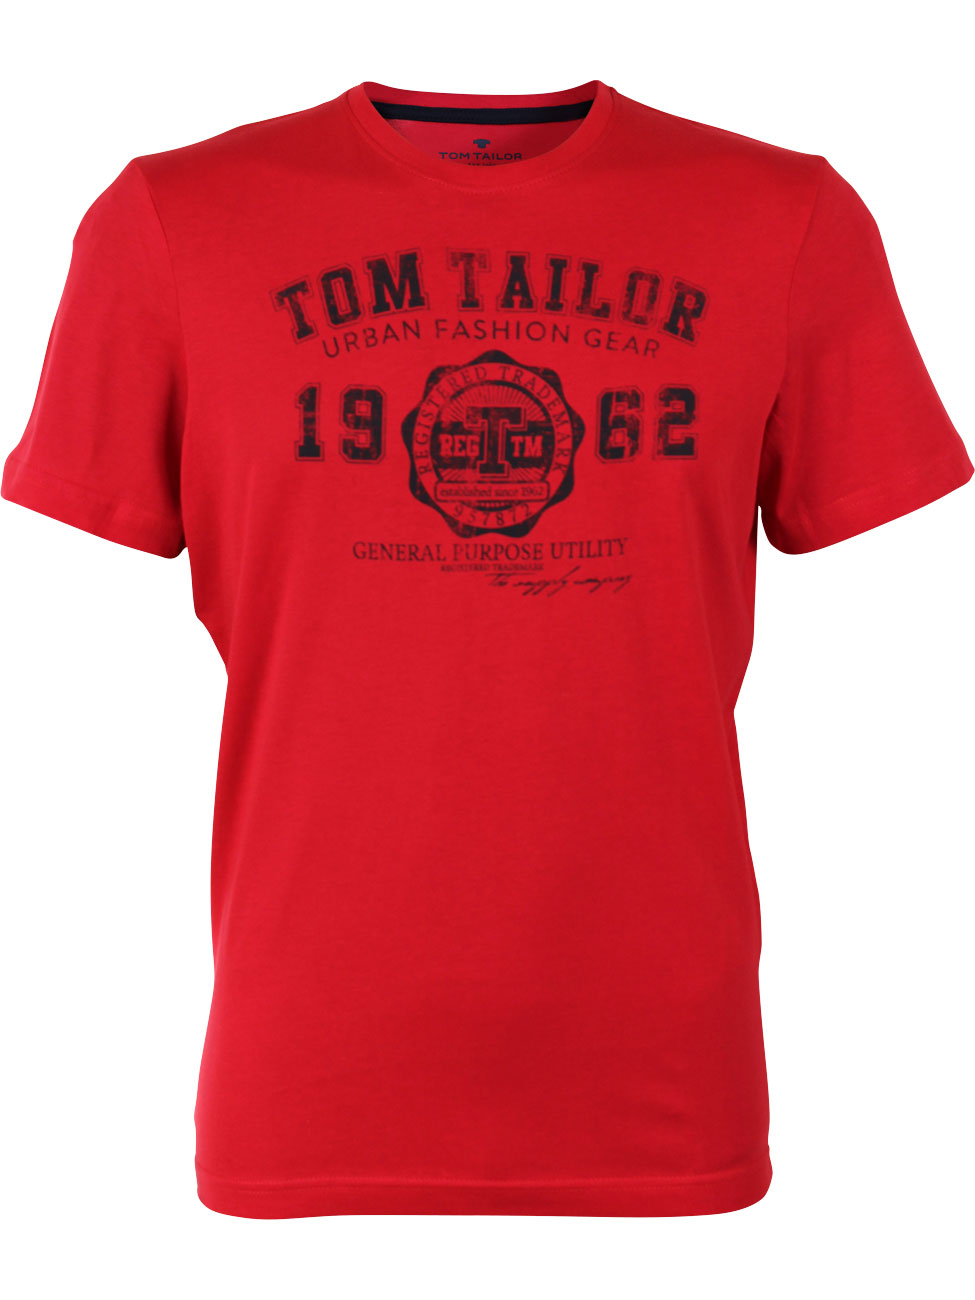 Tom Tailor Herren T-Shirt Basic mit Logo L, Intense Red (4467)